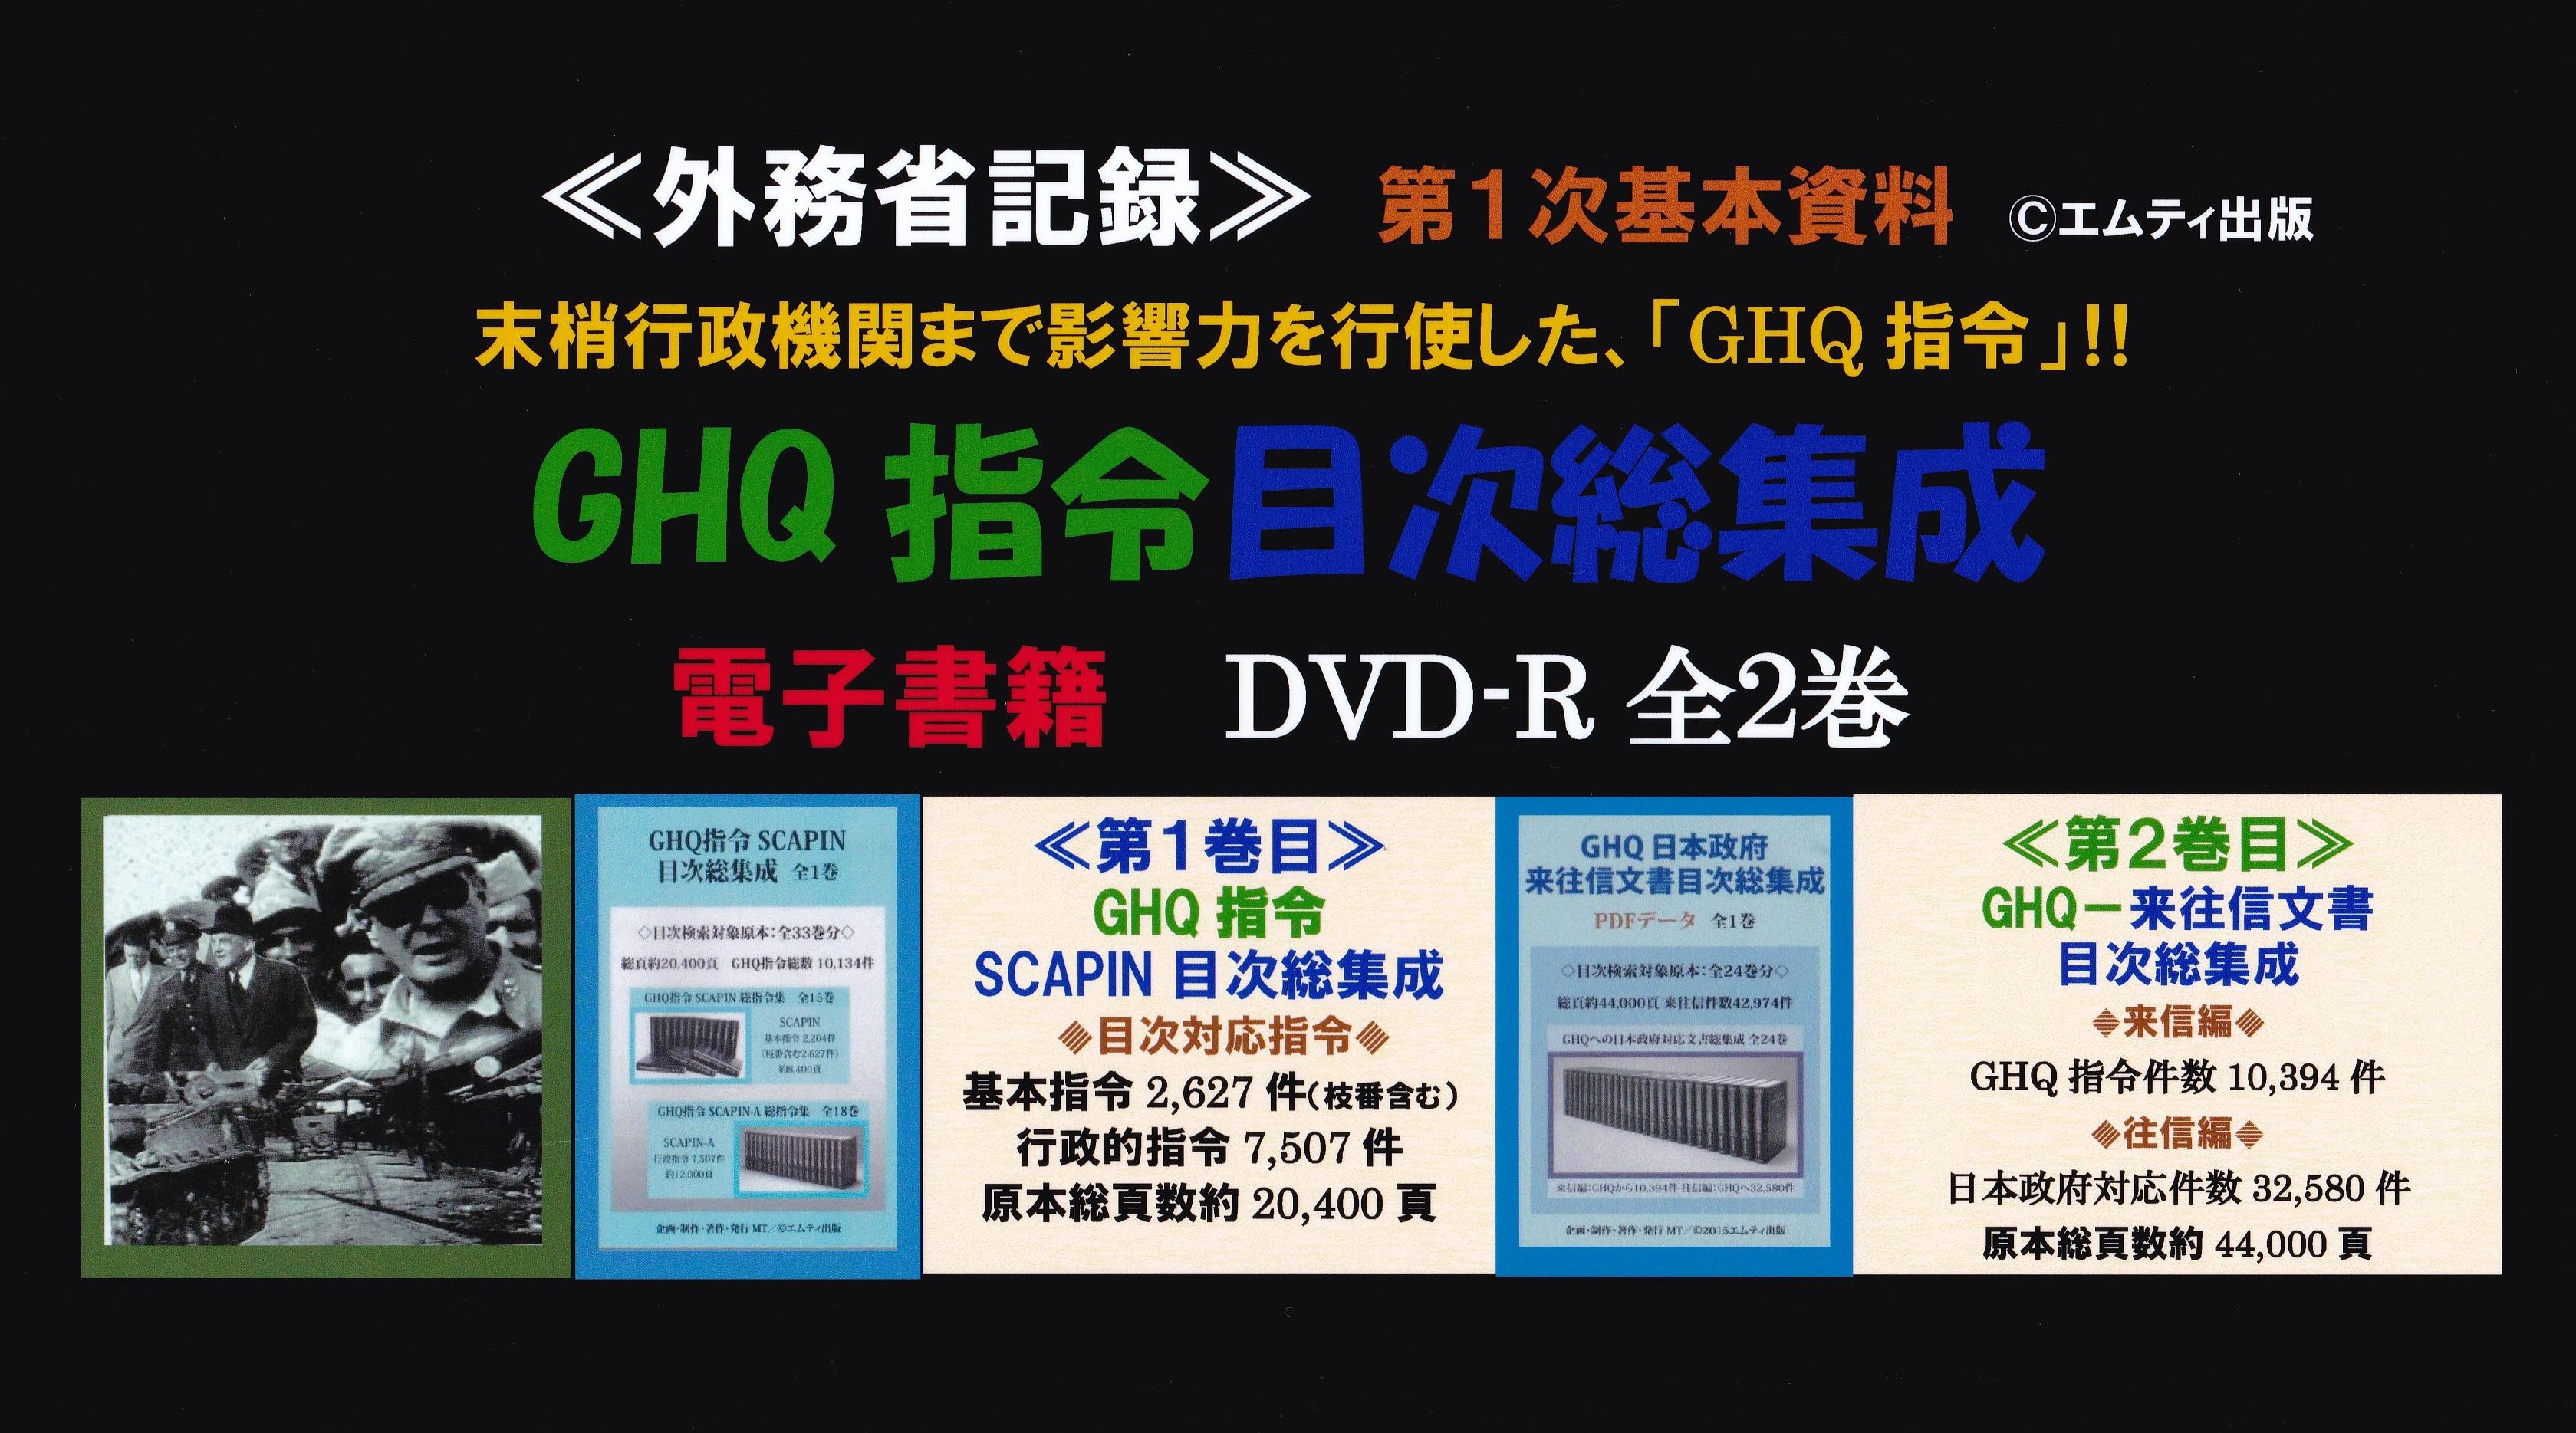 GHQ指令HPロゴ